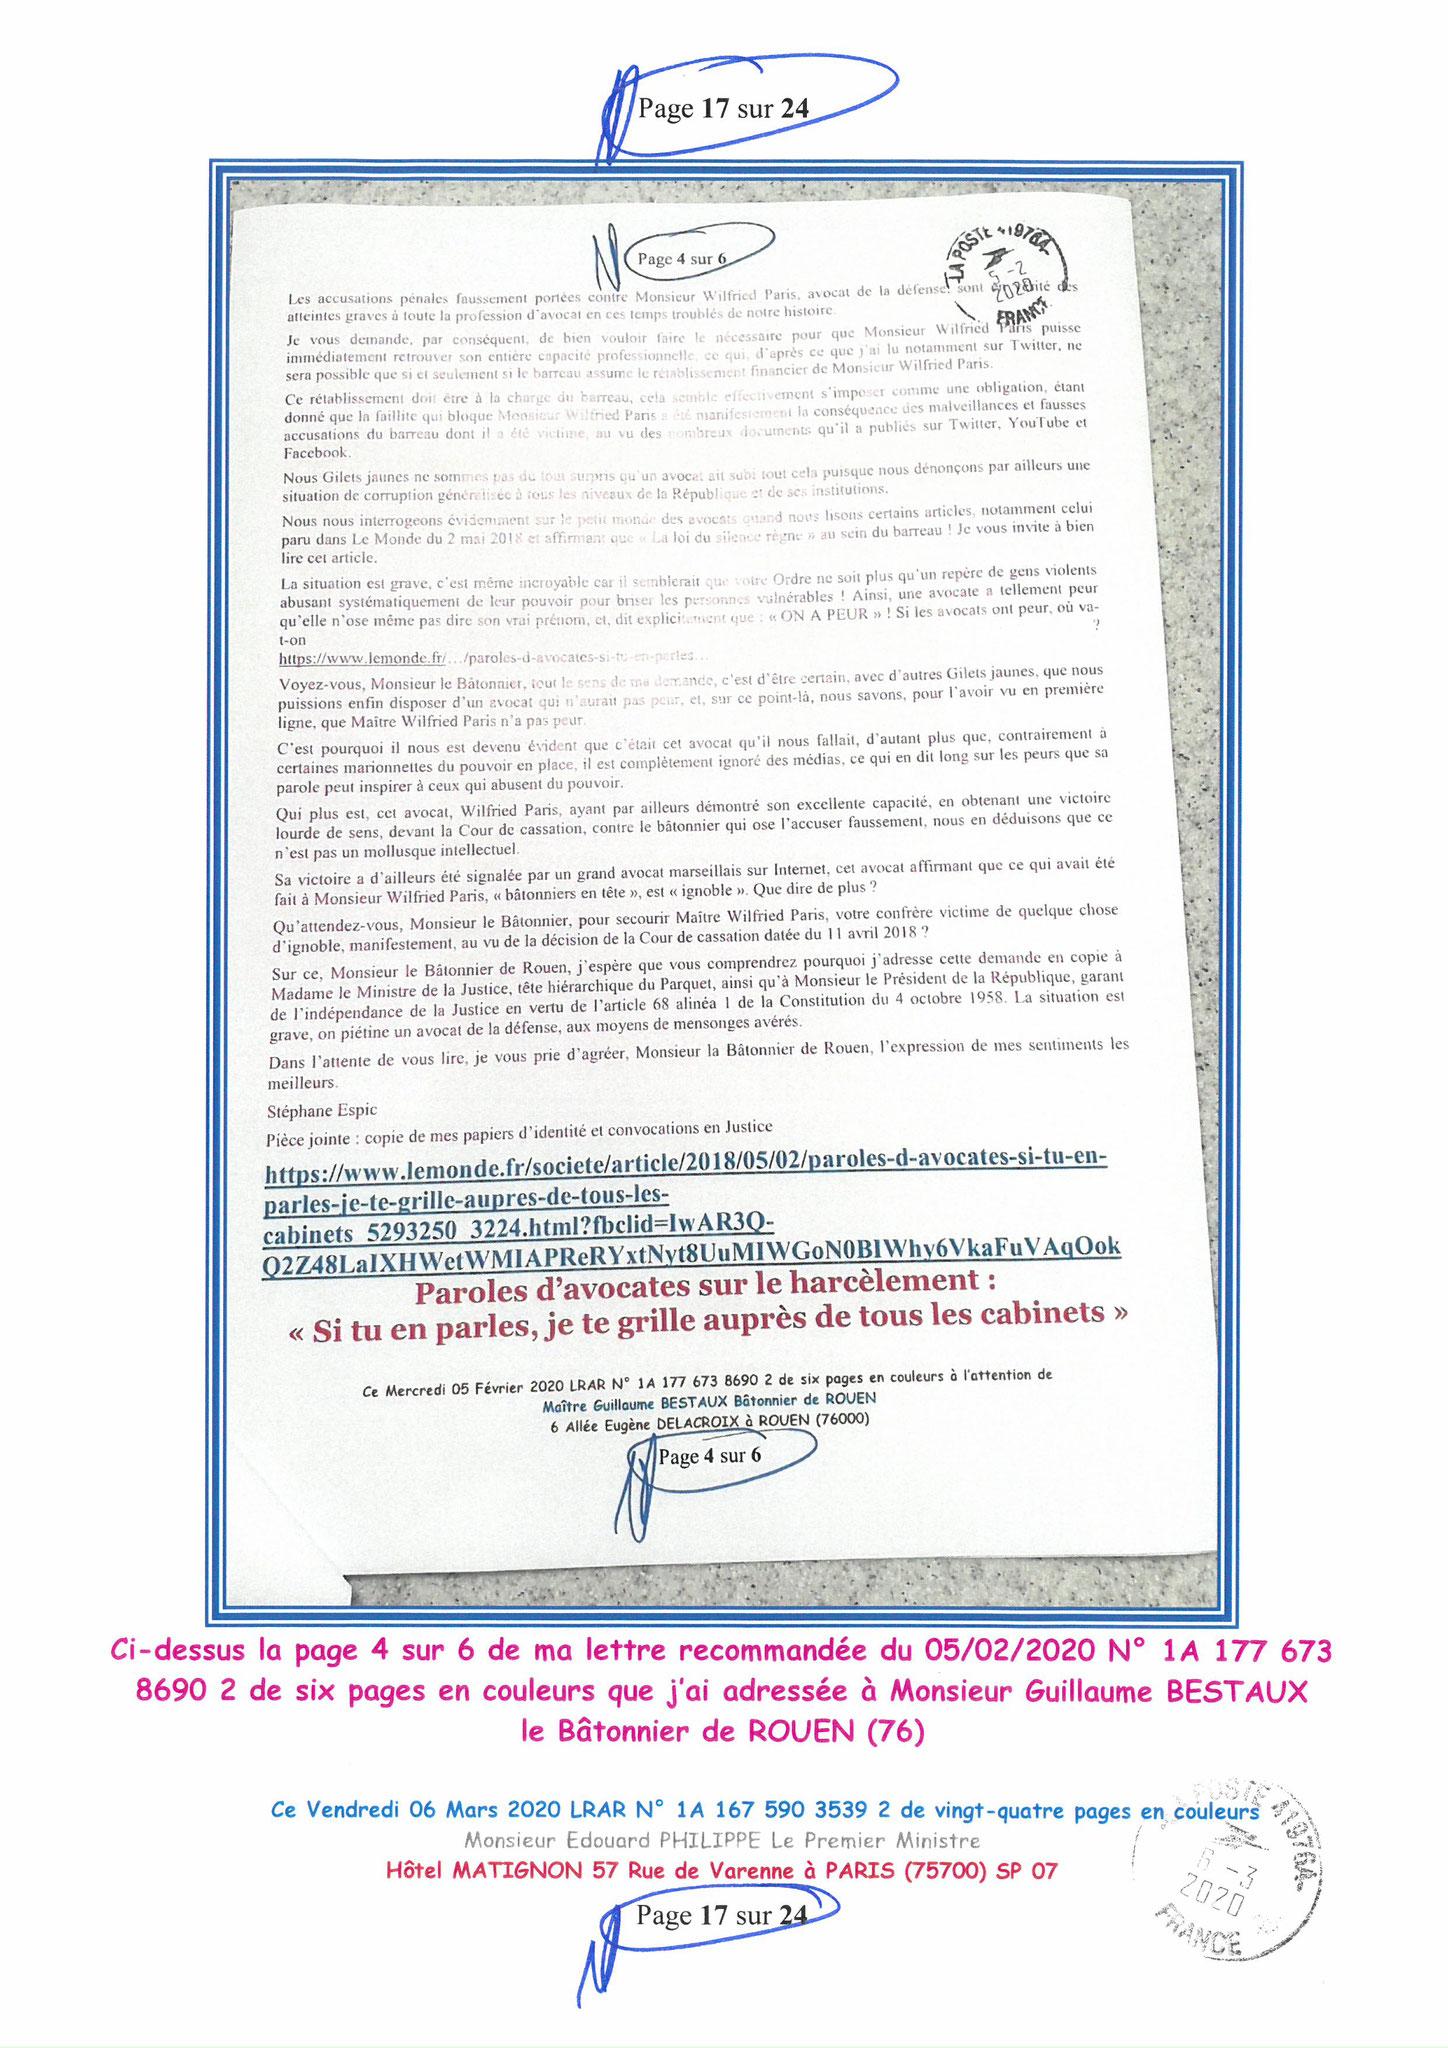 Ma LRAR à Monsieur le  Premier Ministre Edouard PHILIPPE N° 1A 167 590 3539 2 Page 17 sur 24 en Couleur du 06 Mars 2020  www.jesuispatrick.fr www.jesuisvictime.fr www.alerte-rouge-france.fr